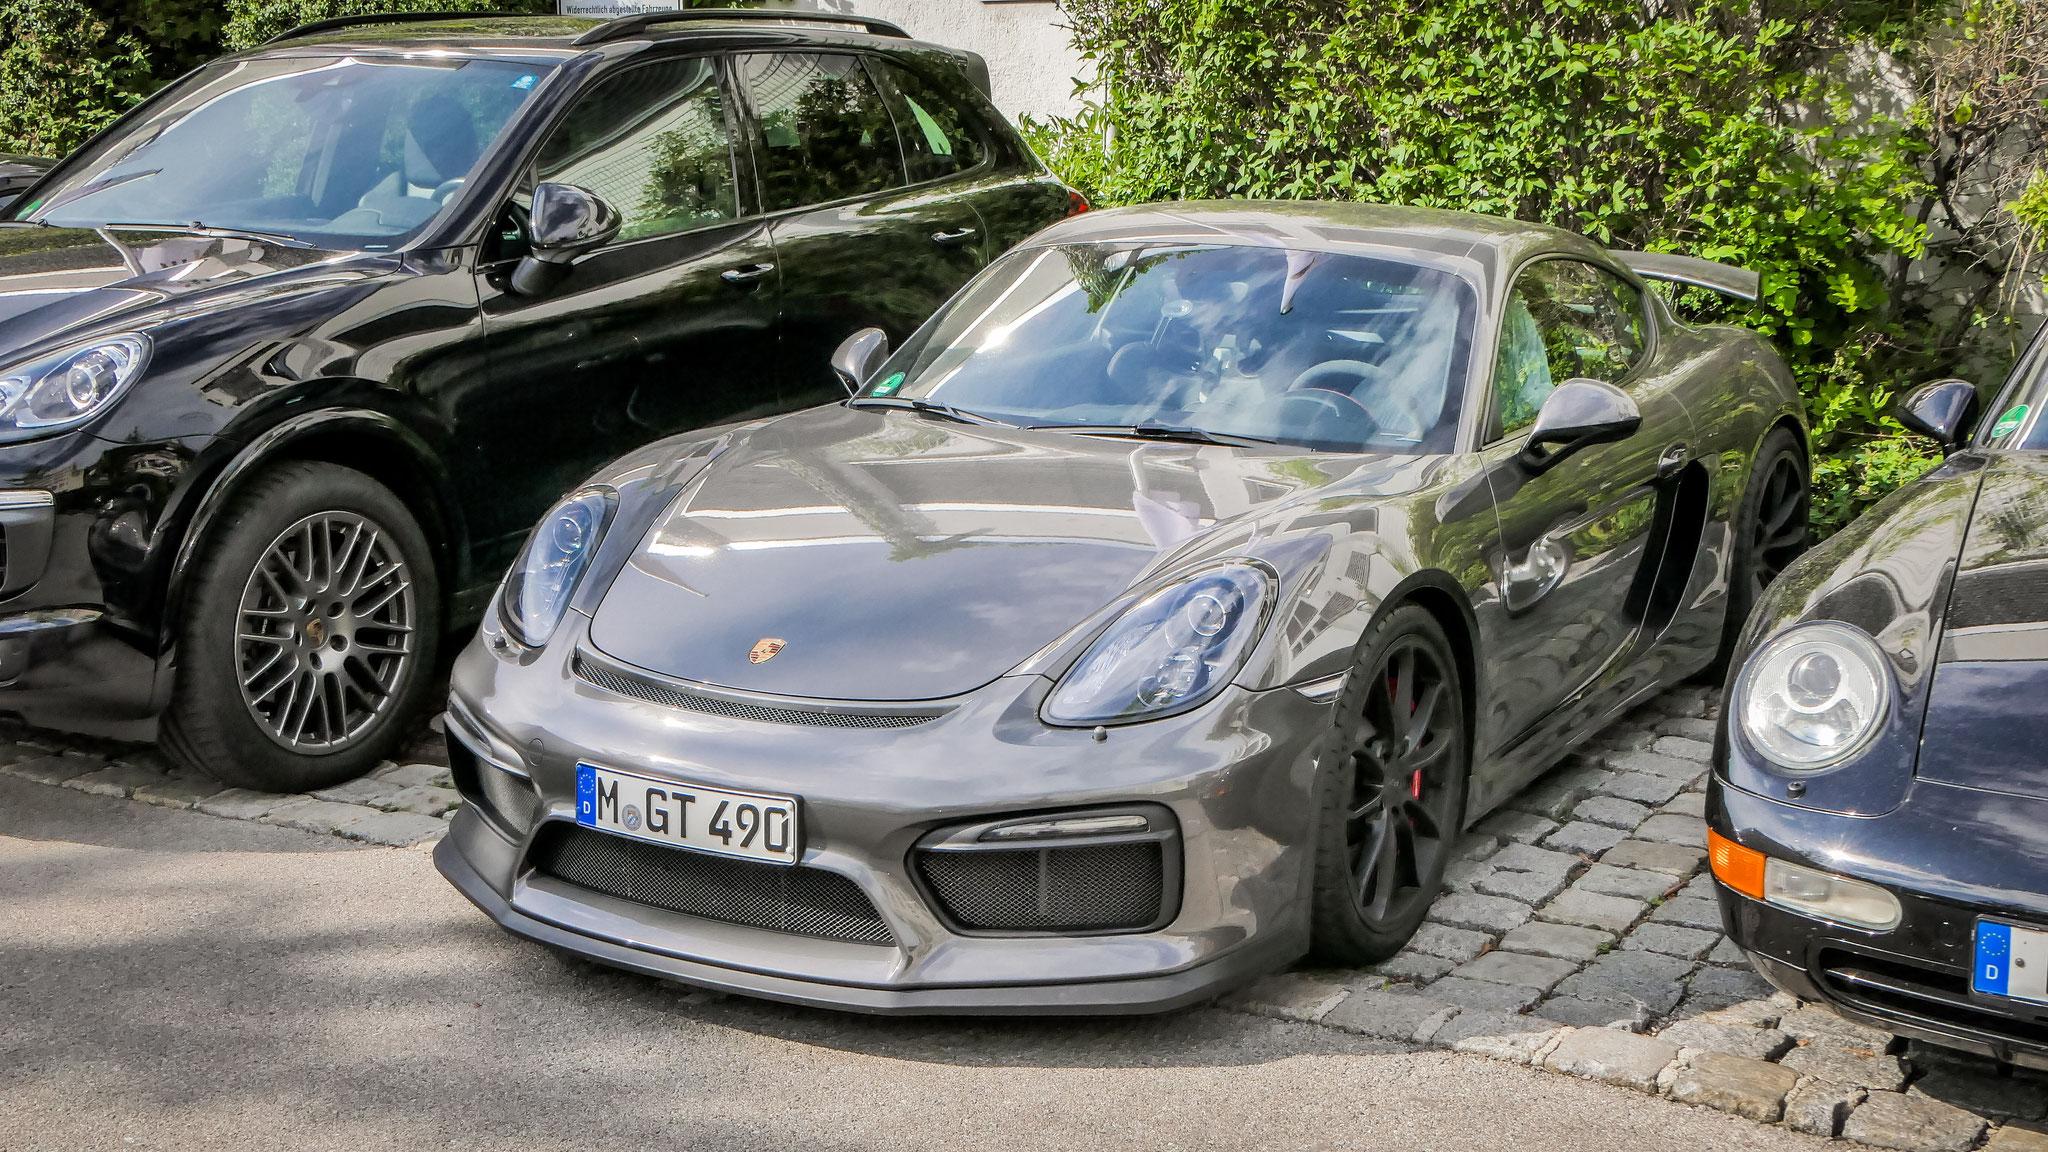 Porsche Cayman GT4 - M-GT-490